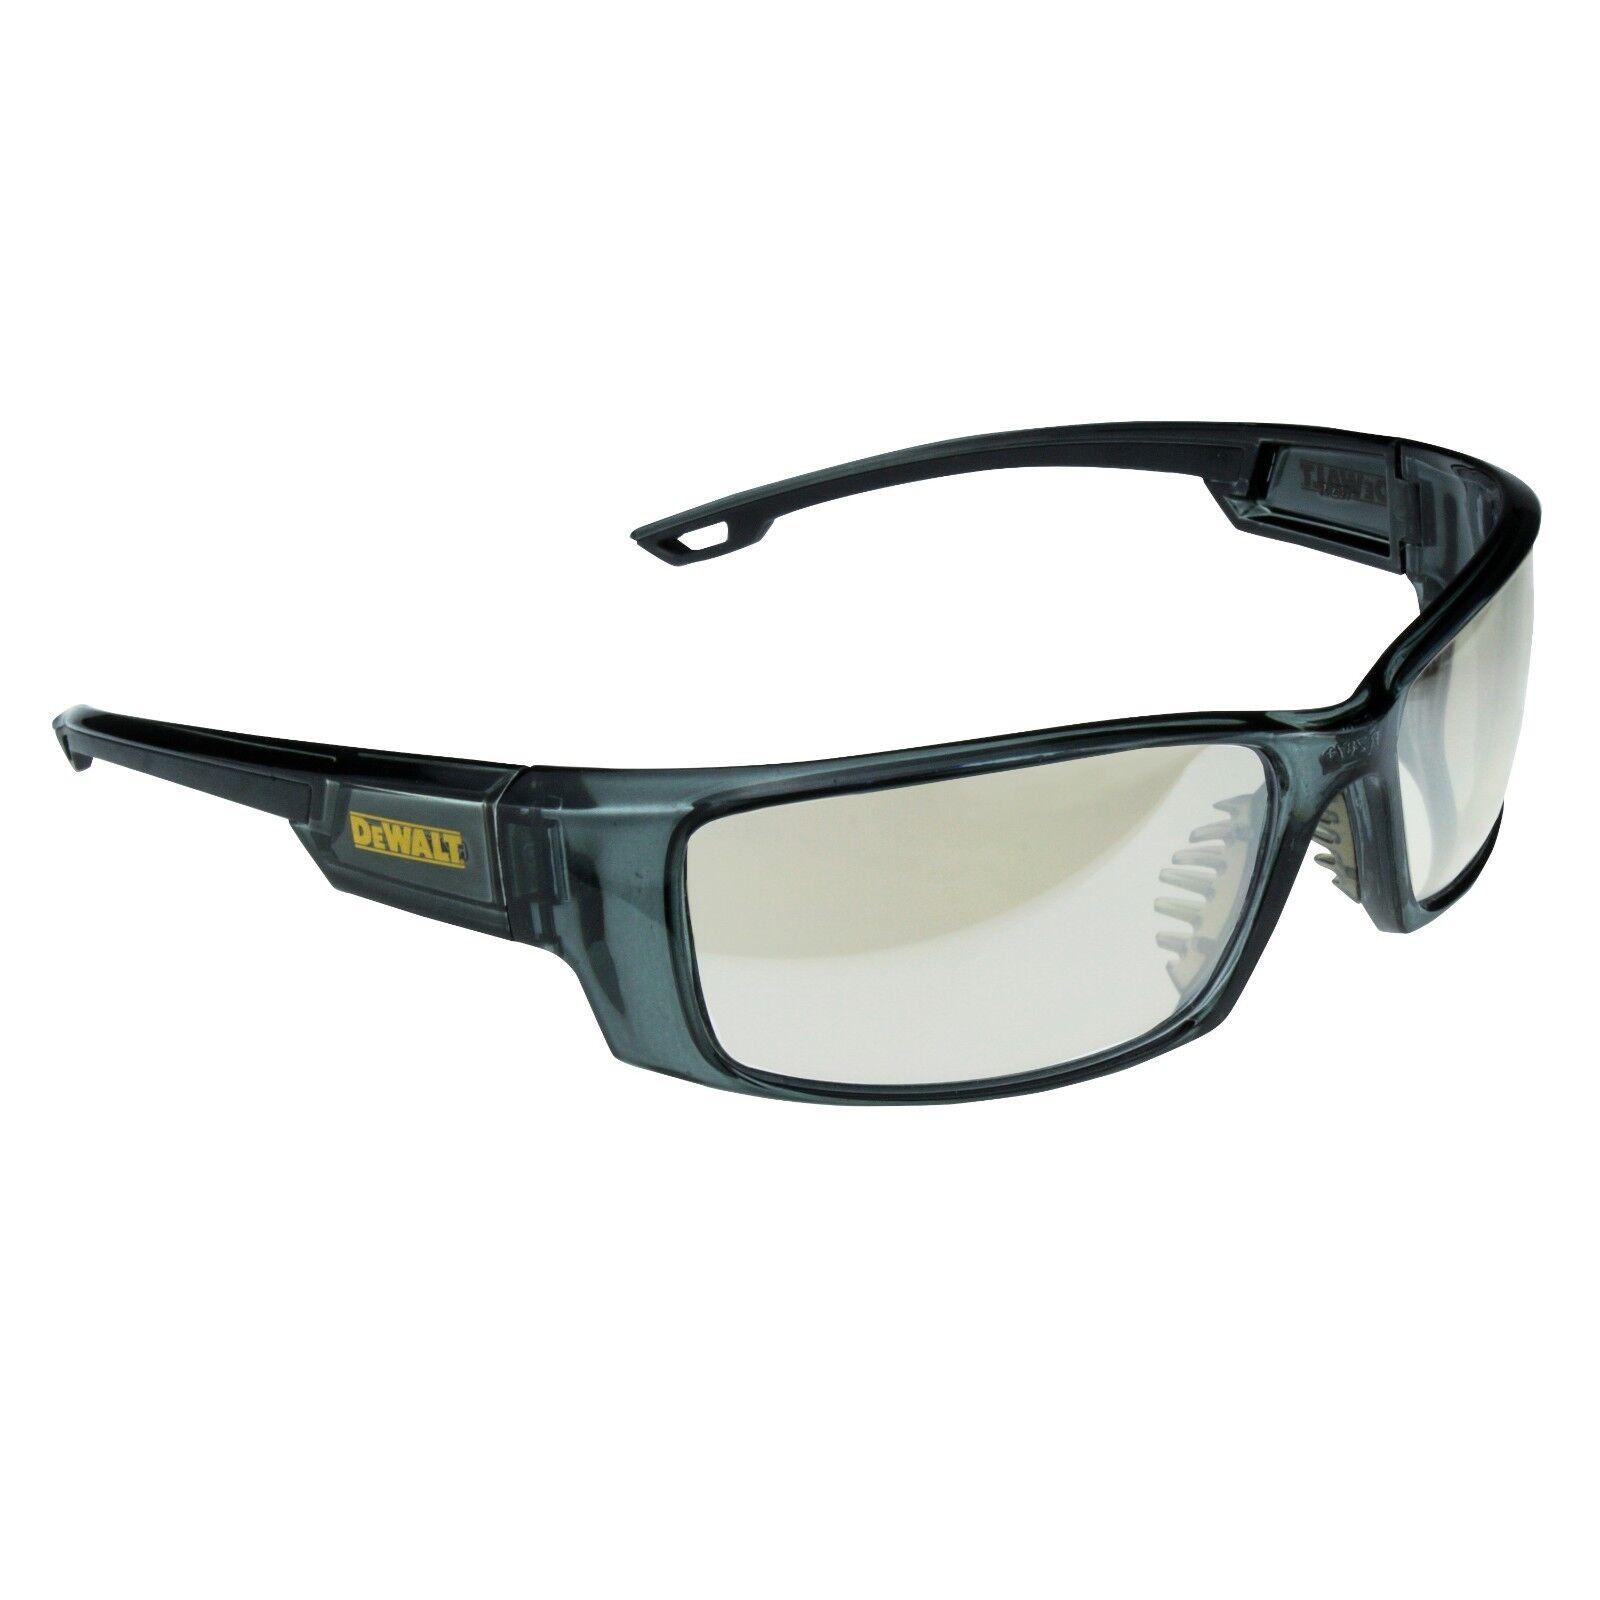 Dewalt DPG104- Excavator Safety  Lens Protective Safety Glas